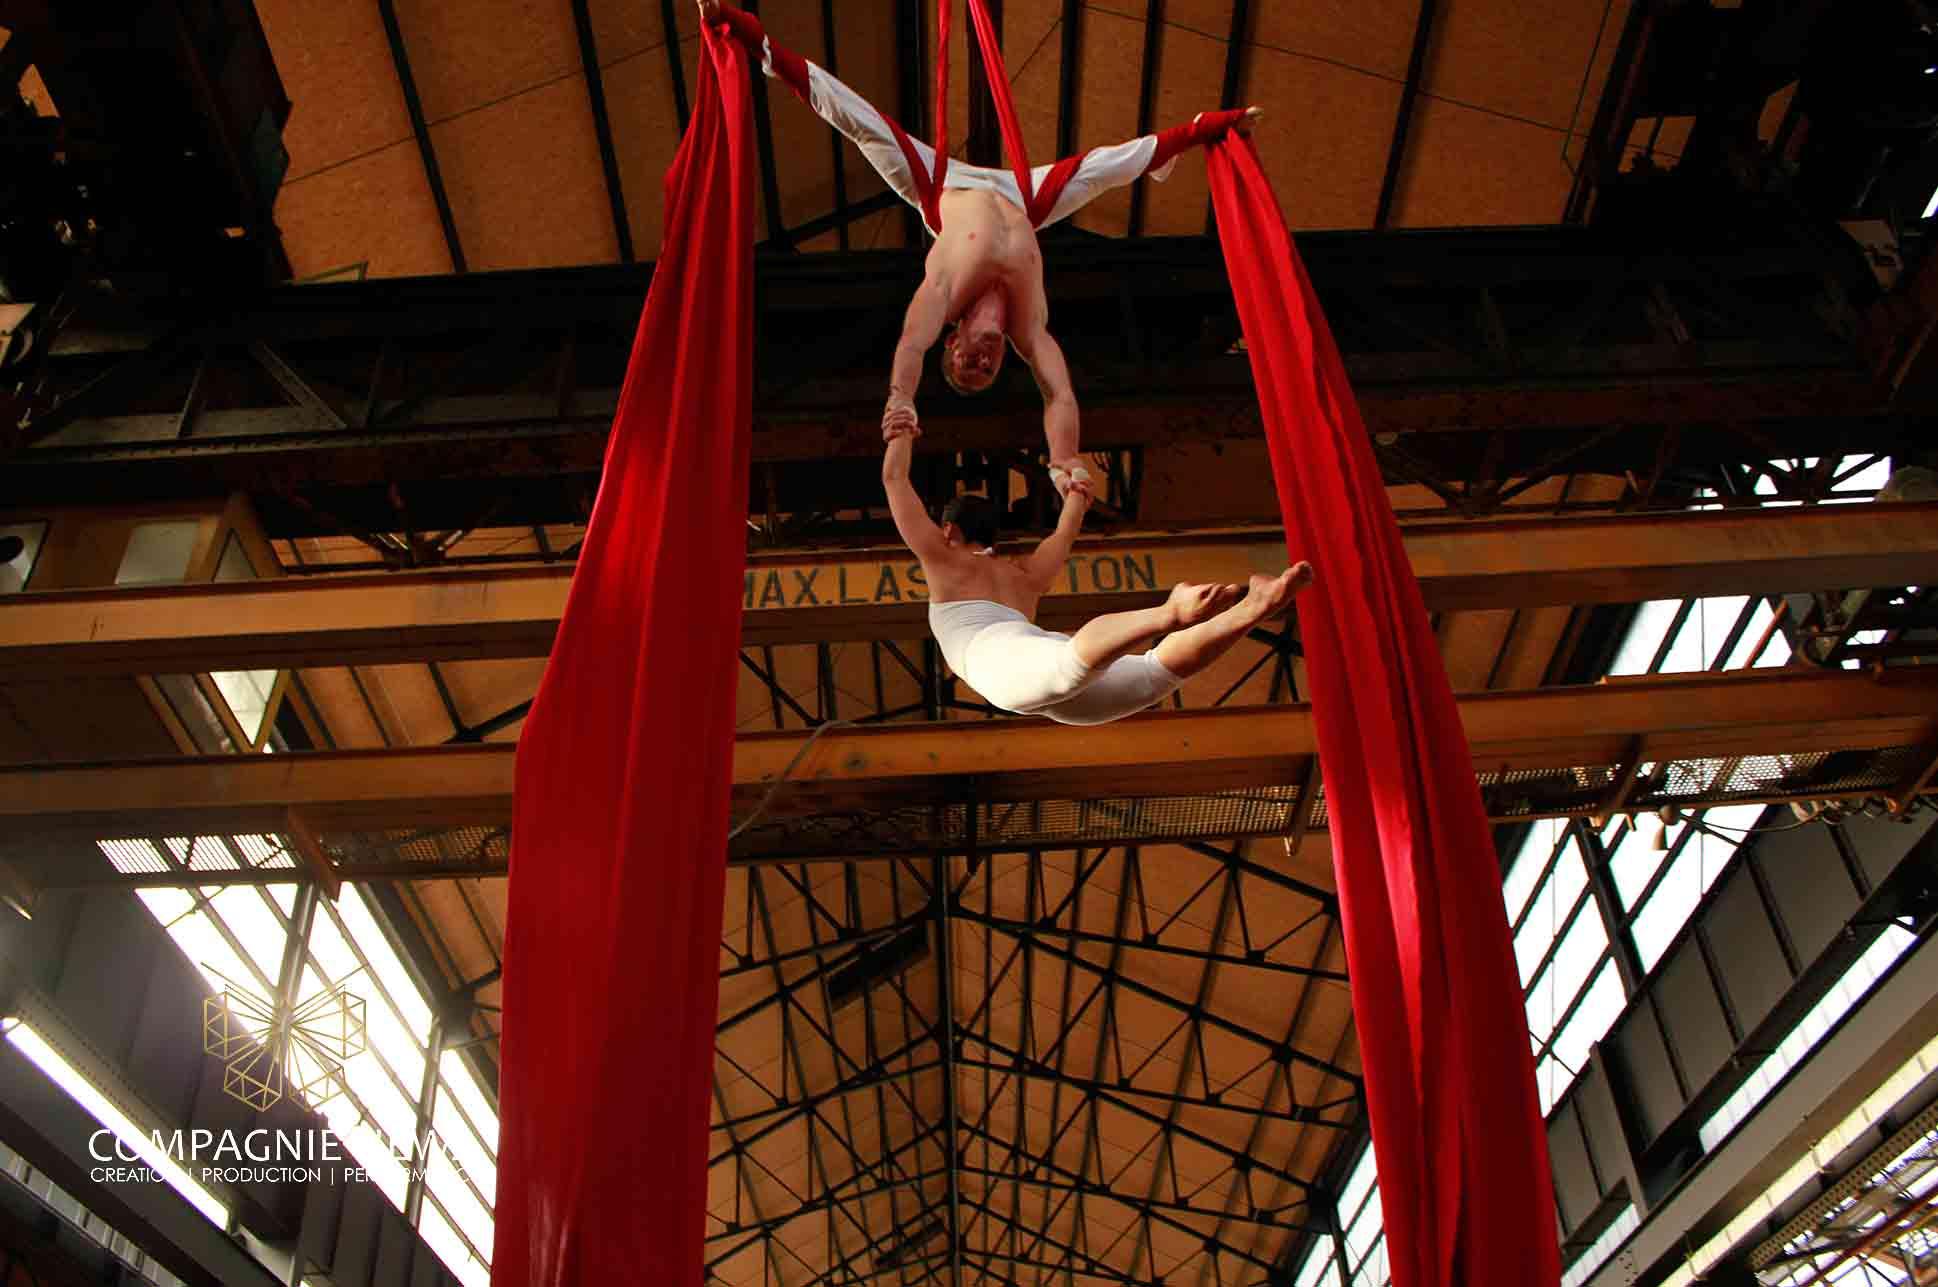 Compagnie_NEWA_tissu_silks_aerials_luchtacrobatiek